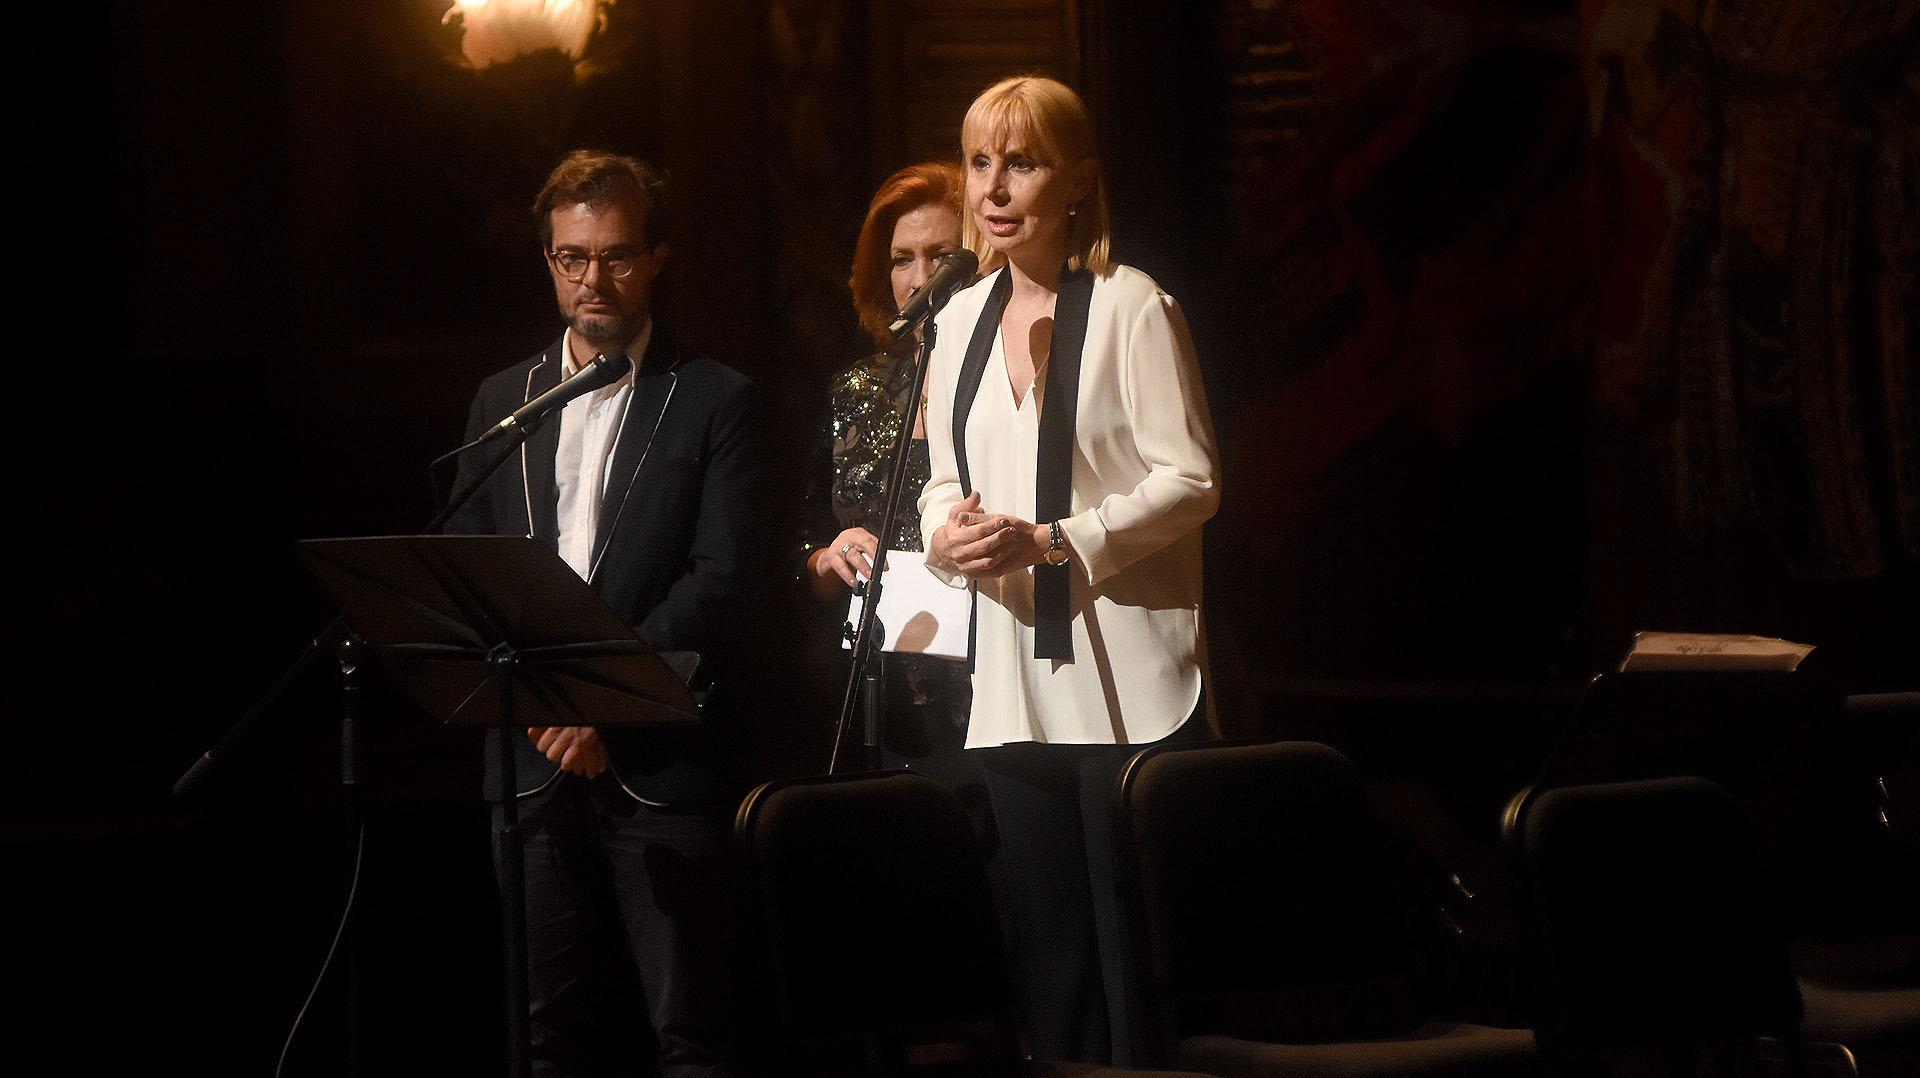 El discurso de la directora del Teatro Colón, María Victoria Alcaraz